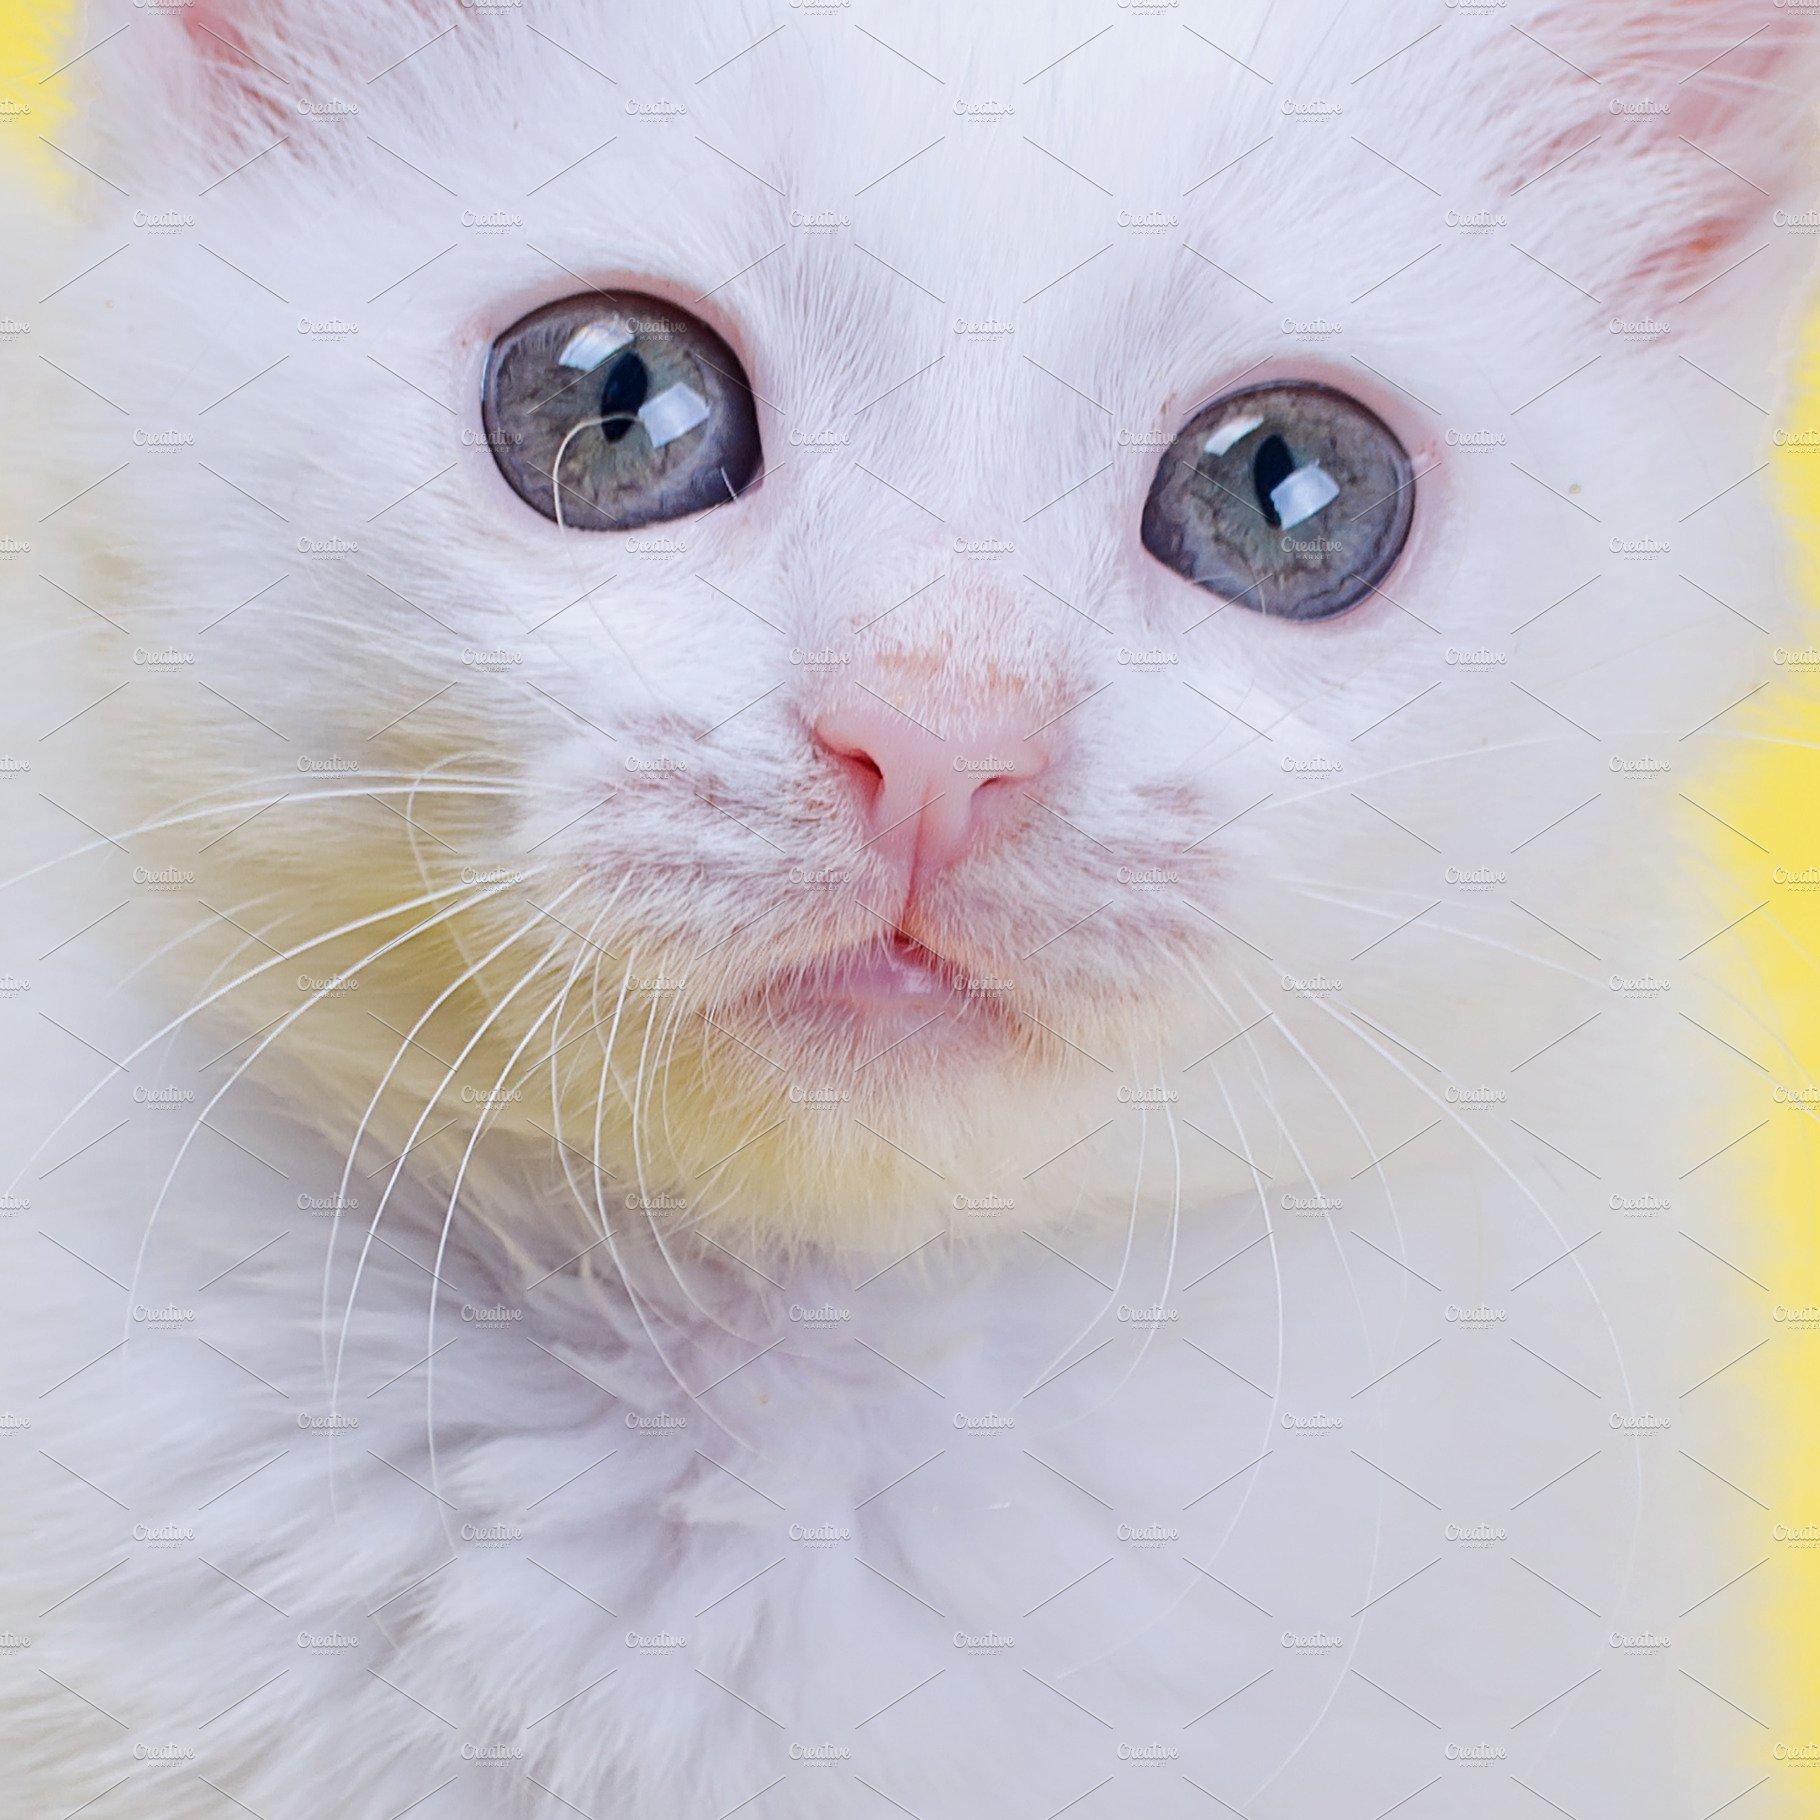 efccd50e75 White Turkish Angora kitten closeup ~ Animal Photos ~ Creative Market